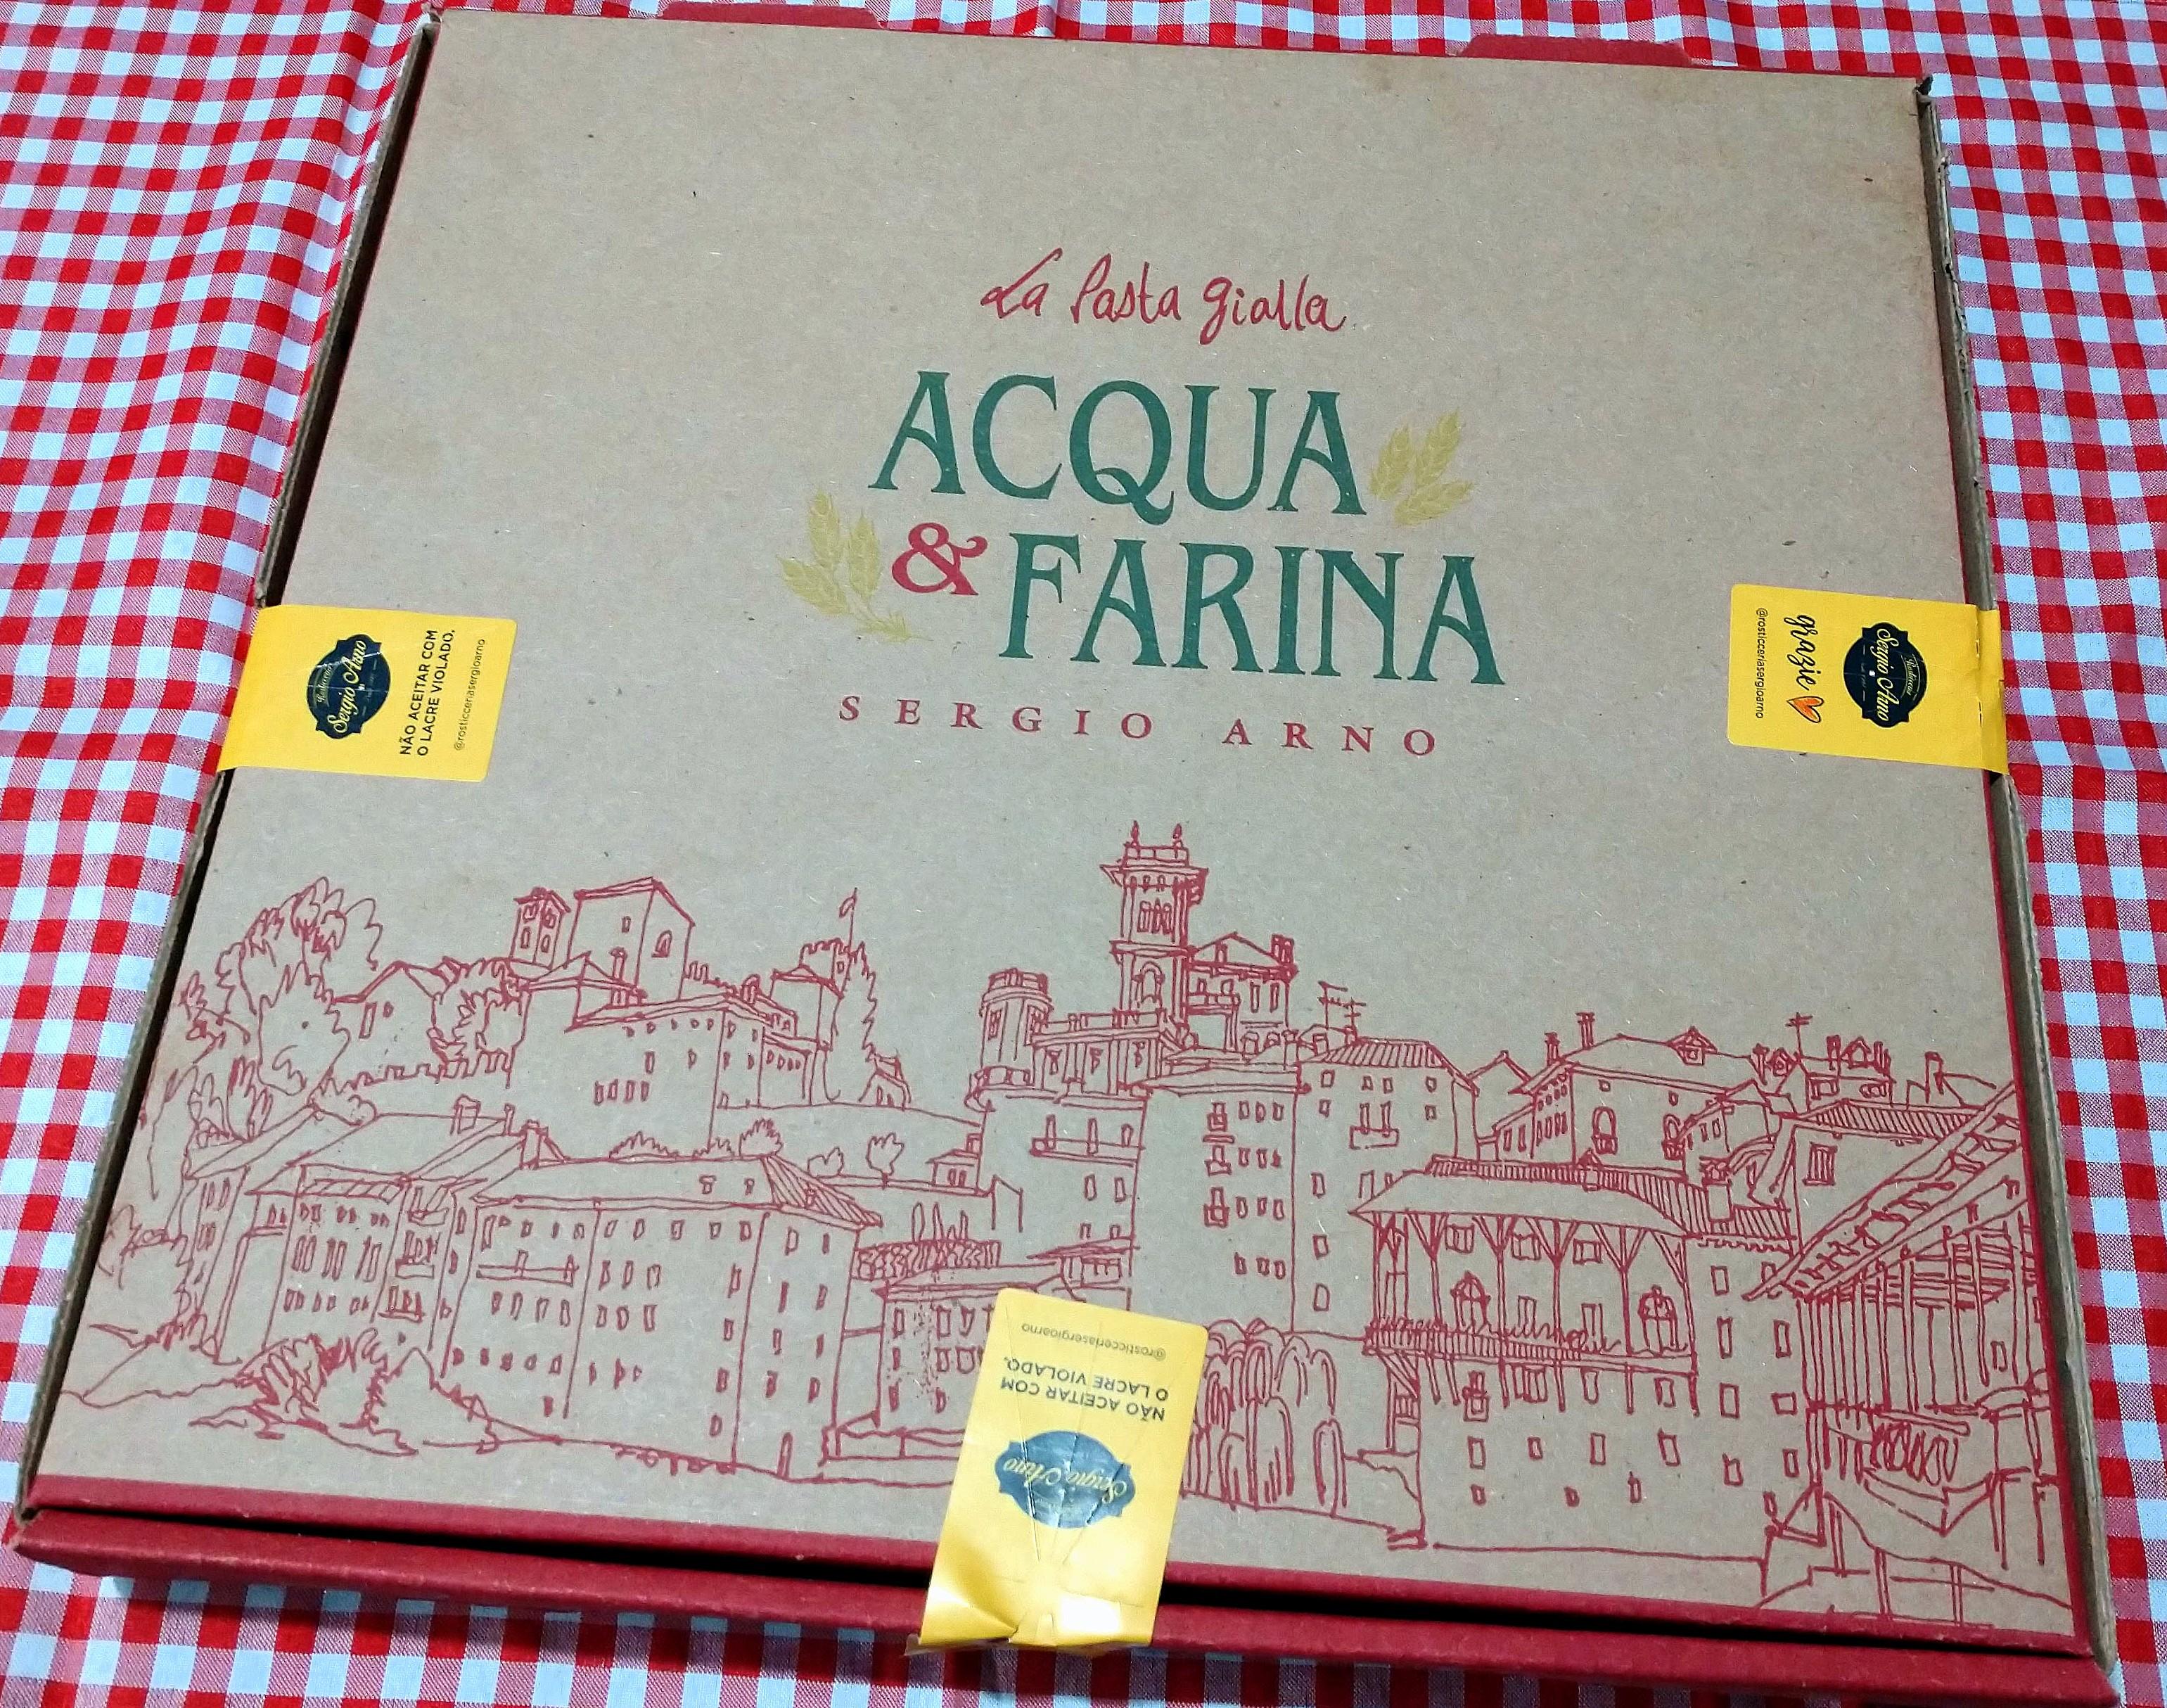 A embalagem do delivery da Pizzaria Acqua & Farina.